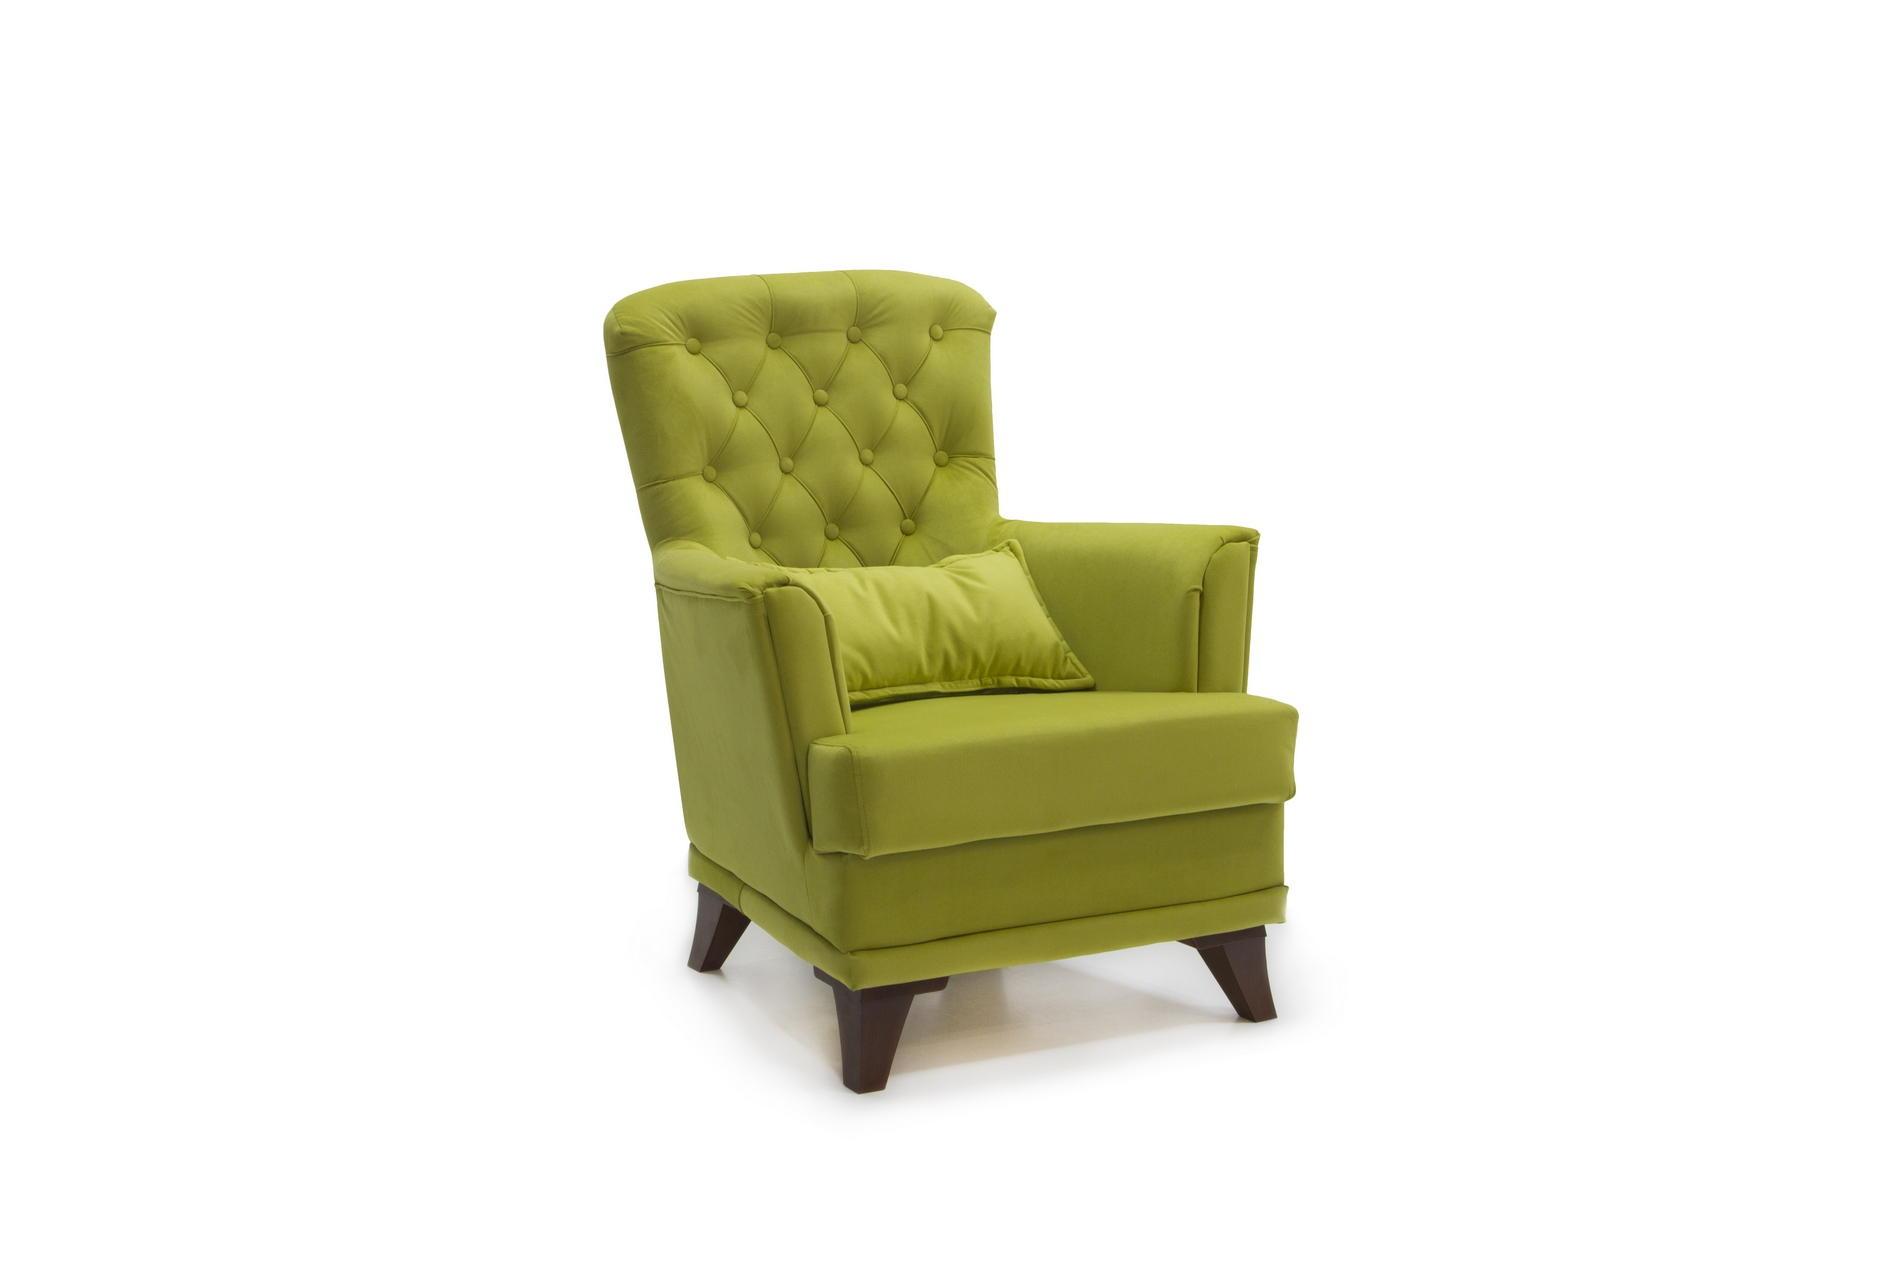 Кресло № 265. Мебельный магазин Мебель Ленд. Санкт-Петербург